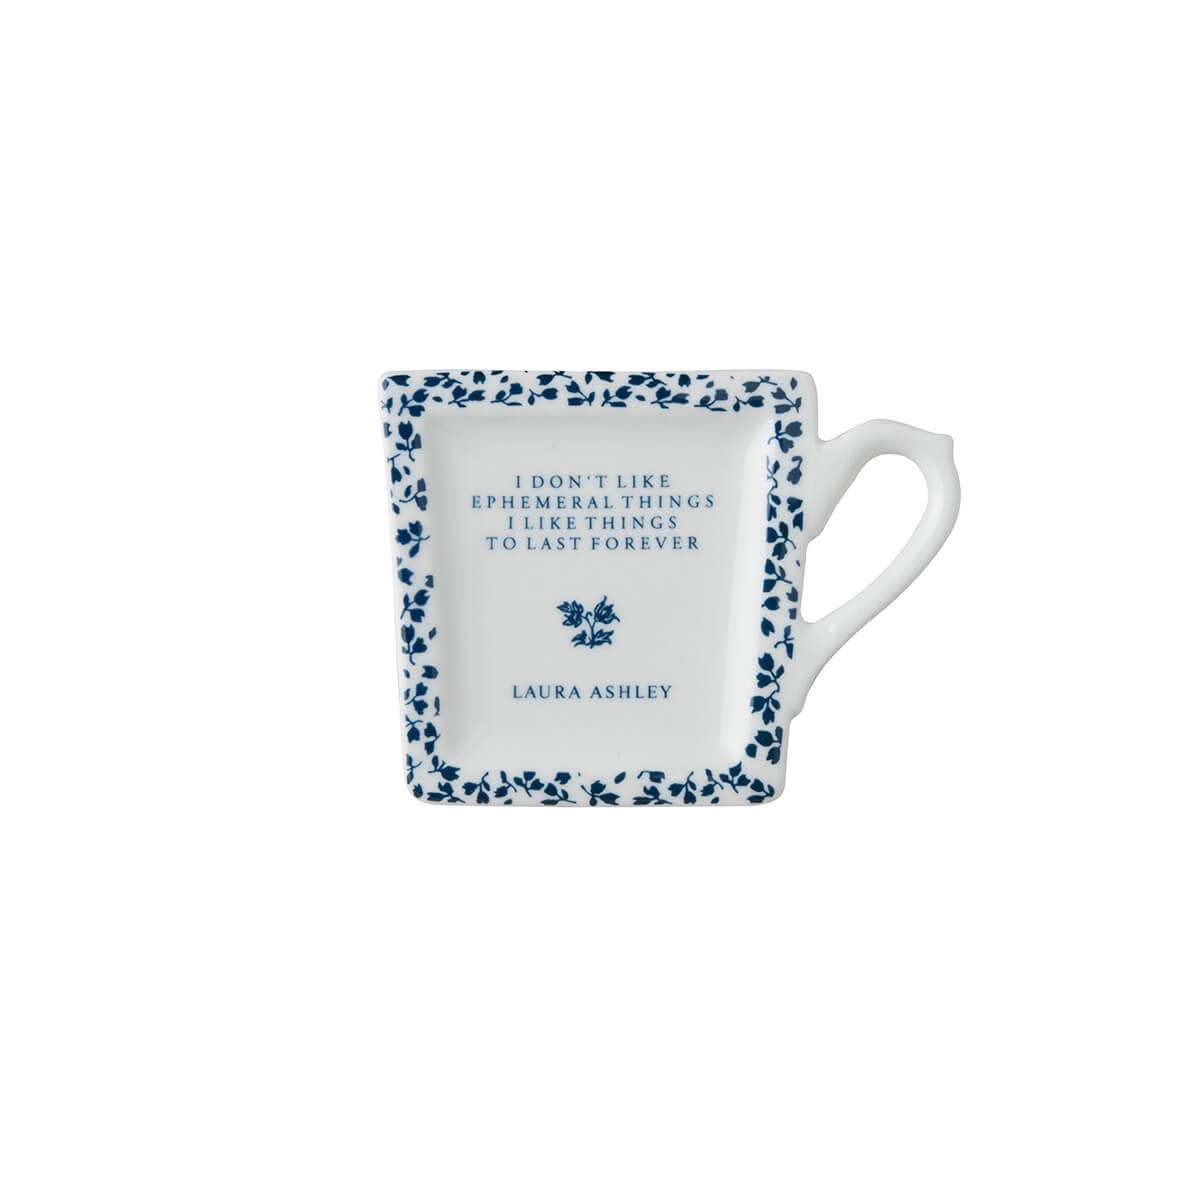 Онлайн каталог PROMENU: Подставка фарфоровая для чайных пакетиков Laura Ashley BLUEPRINT, белый в синий мелкий цветок                               178313